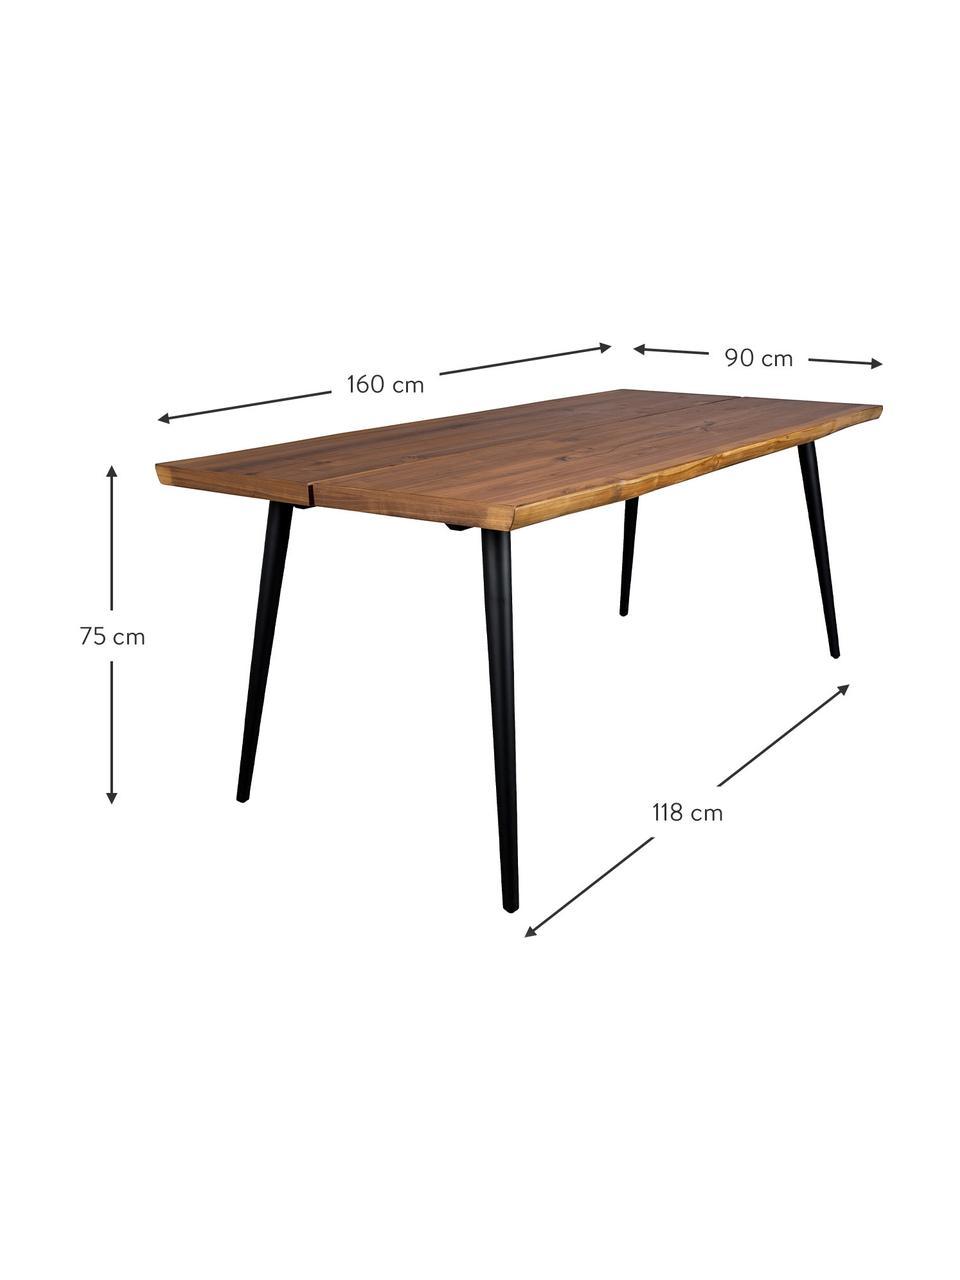 Eettafel Alagon met boomrand, Tafelblad: MDF, gelakt walnoothoutfi, Poten: gepoedercoat staal, Walnootkleurig, 160 x 90 cm